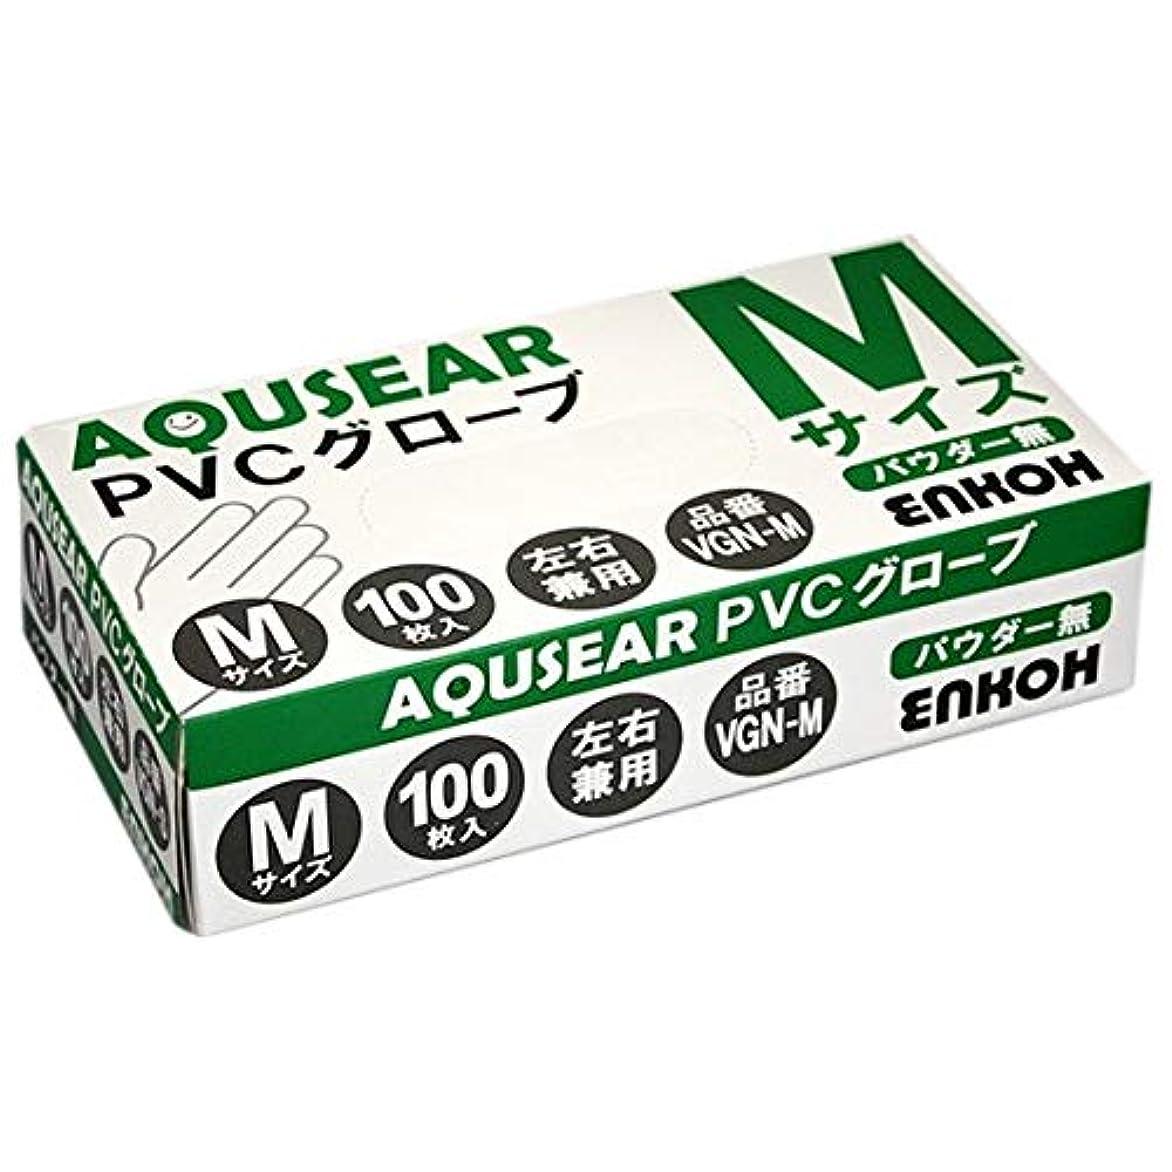 ハウス言い聞かせる囲むAQUSEAR PVC プラスチックグローブ Mサイズ パウダー無 VGN-M 100枚×20箱